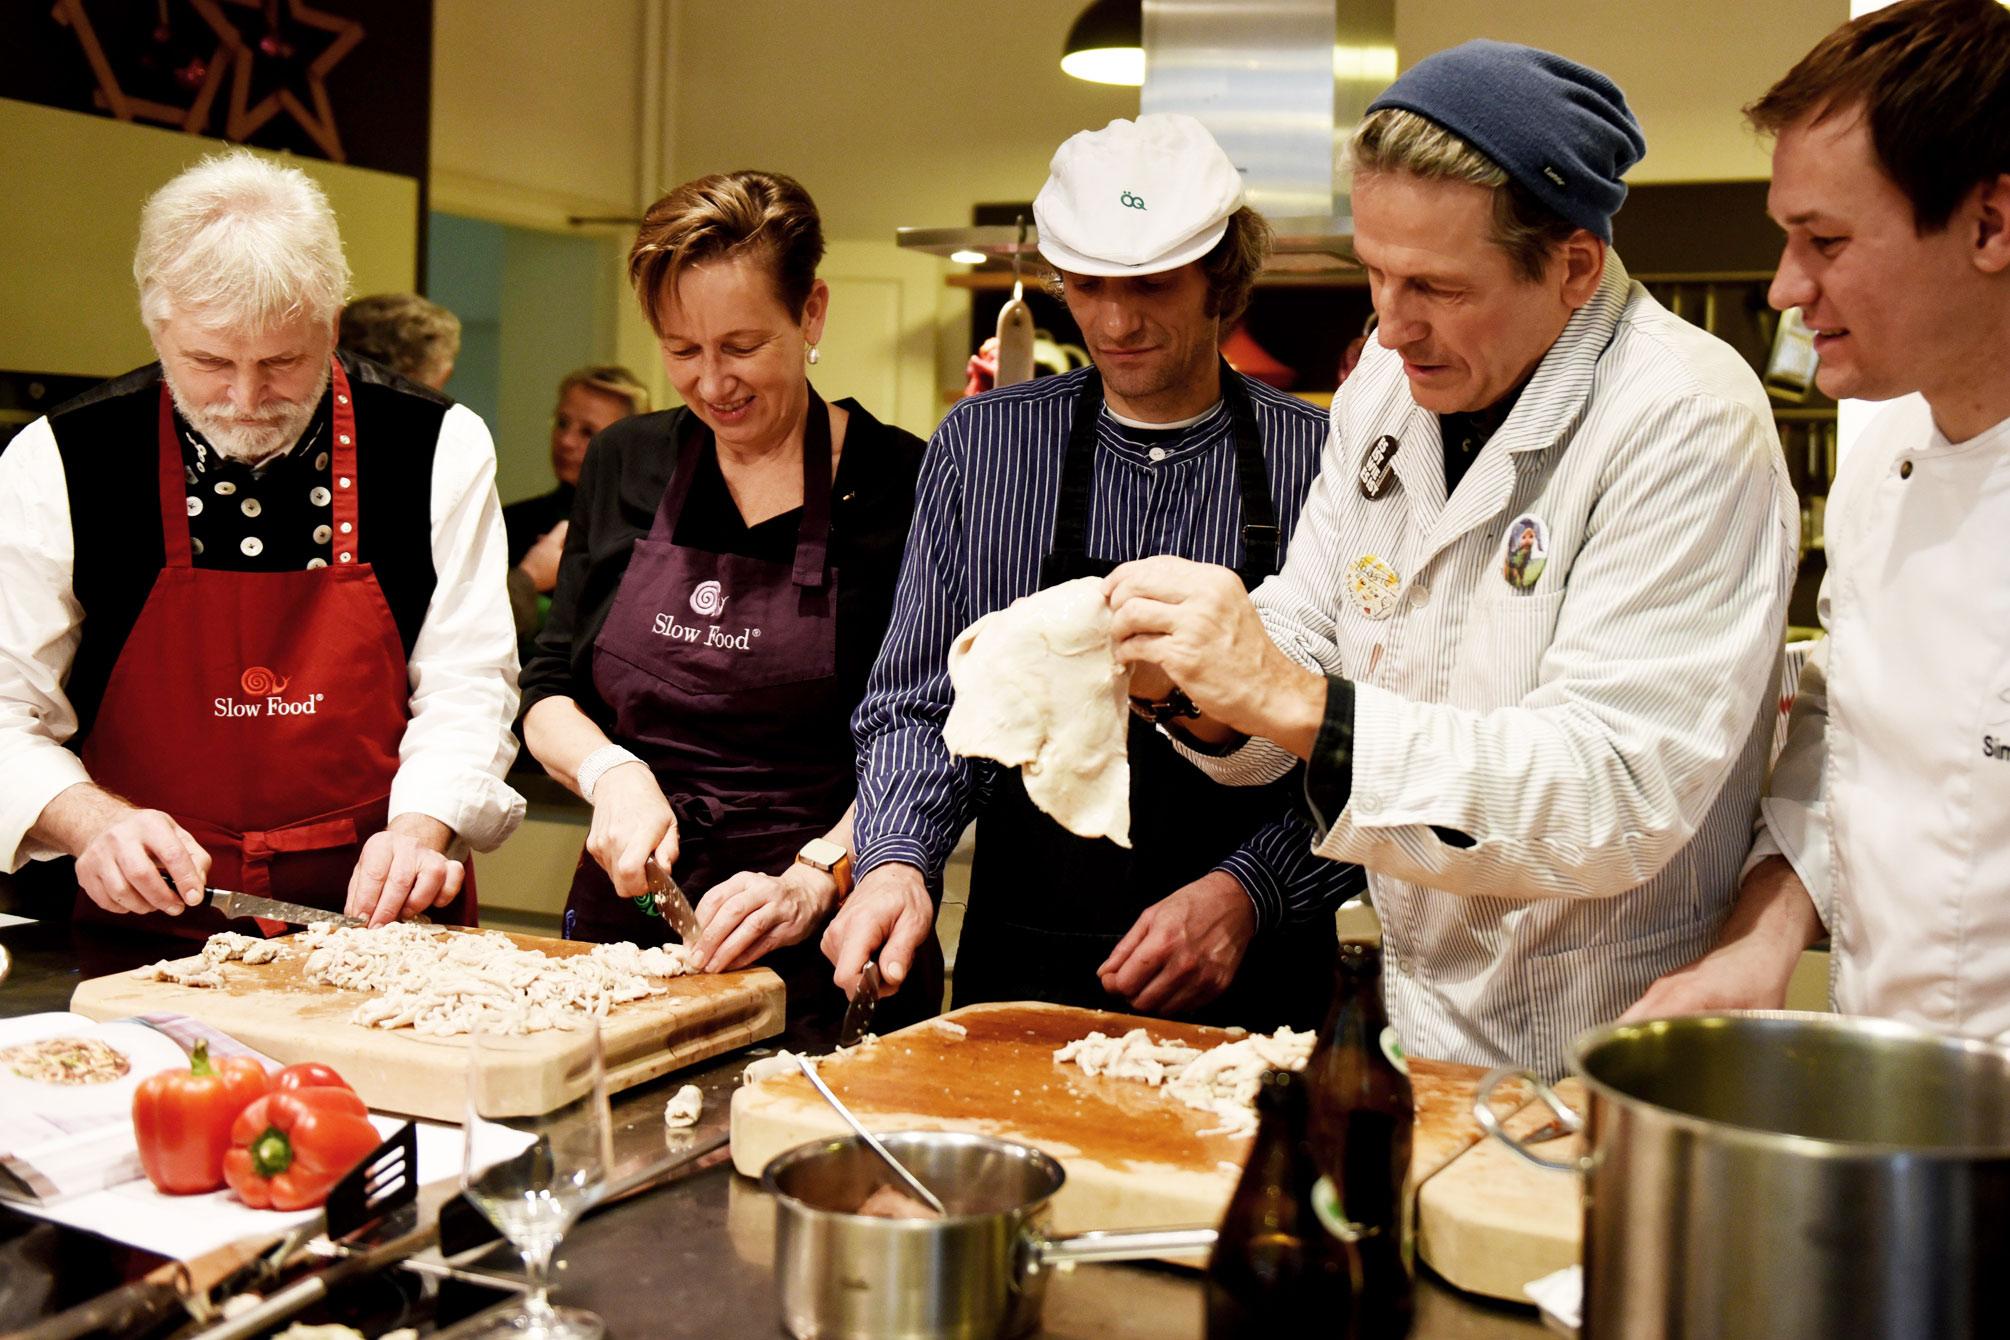 Slow Food Kuttelgespräch zum Thema Lebensmittelverschwendung und Fleischkonsum: nose to tail